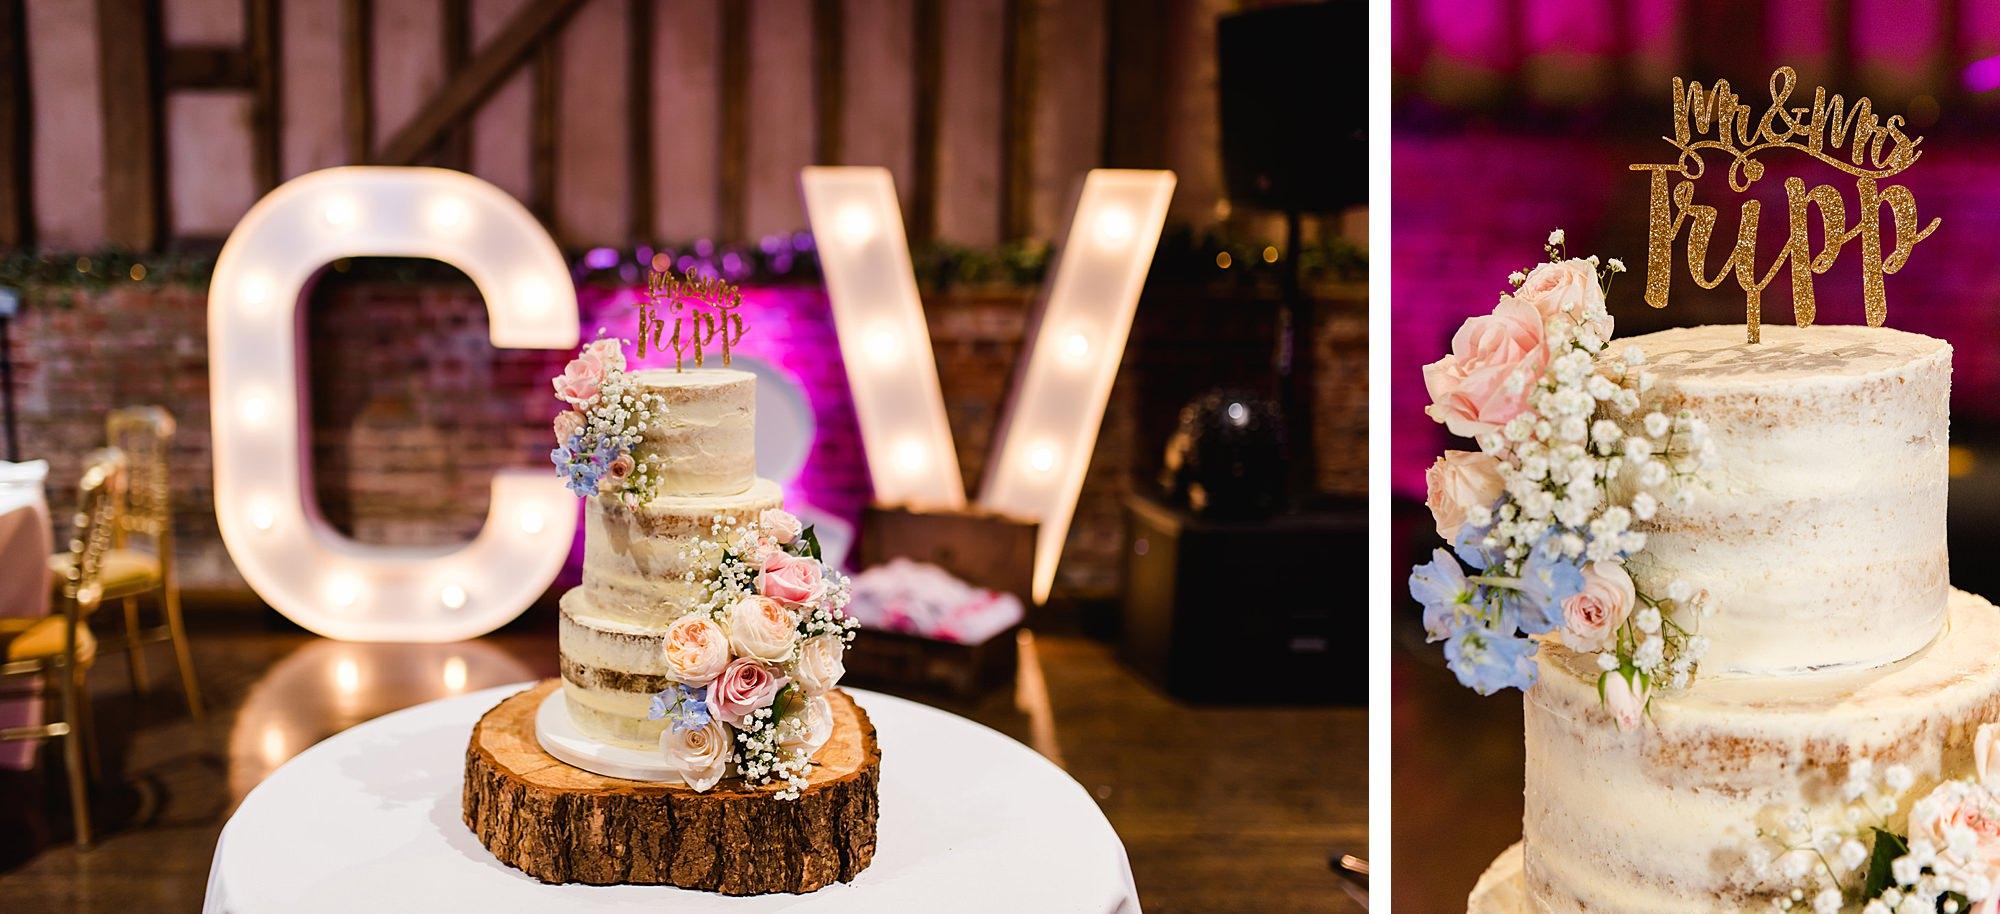 Lillibrooke Manor wedding cake